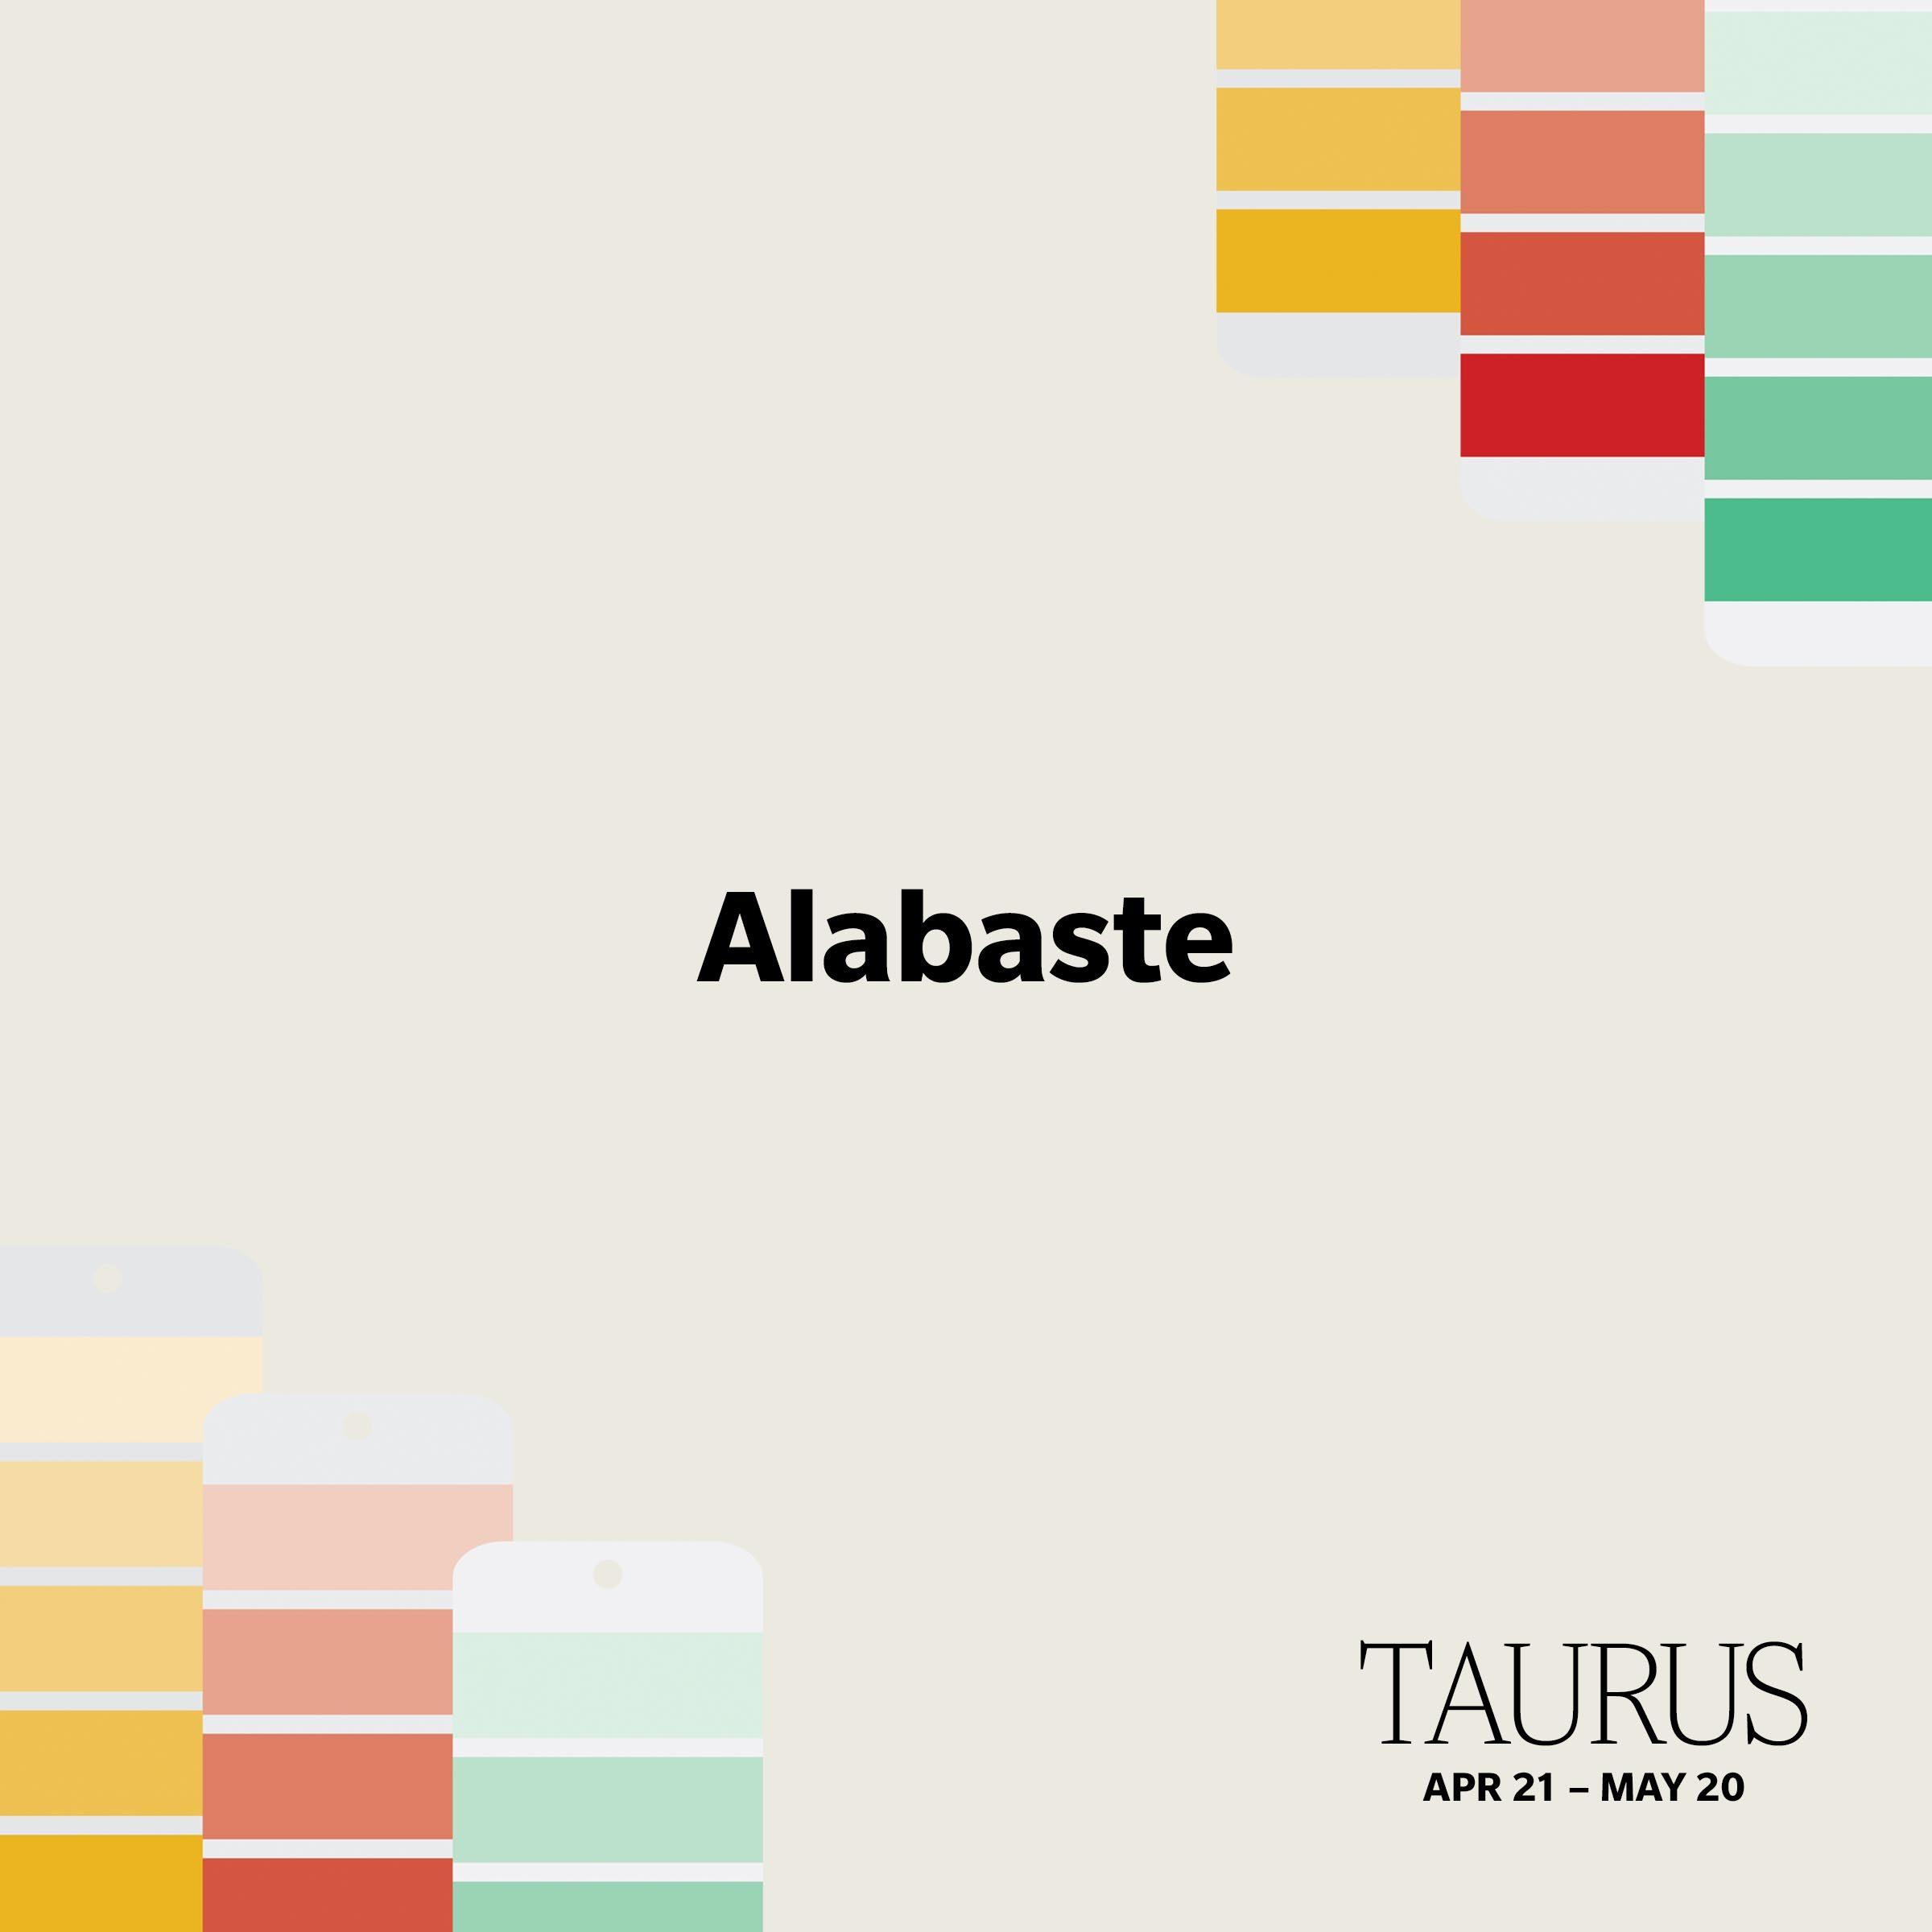 taurus paint